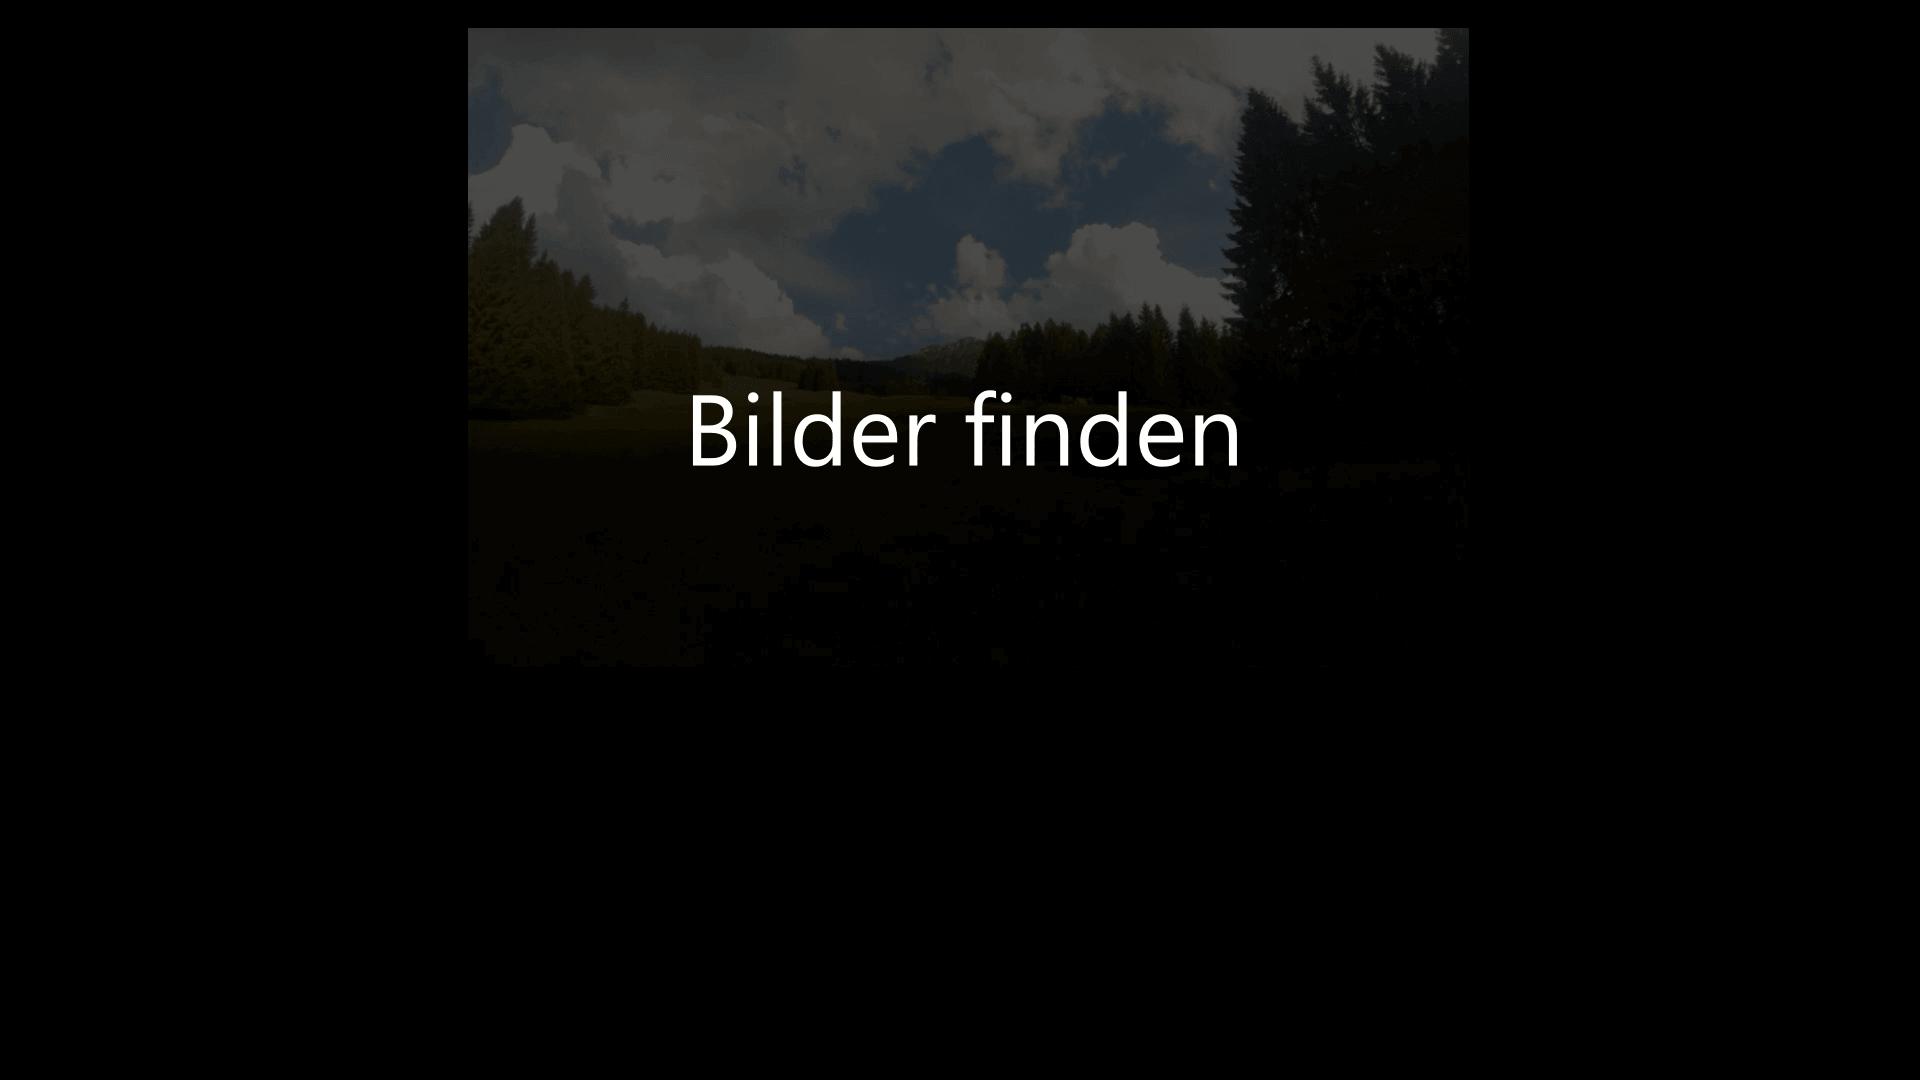 Bilder finden